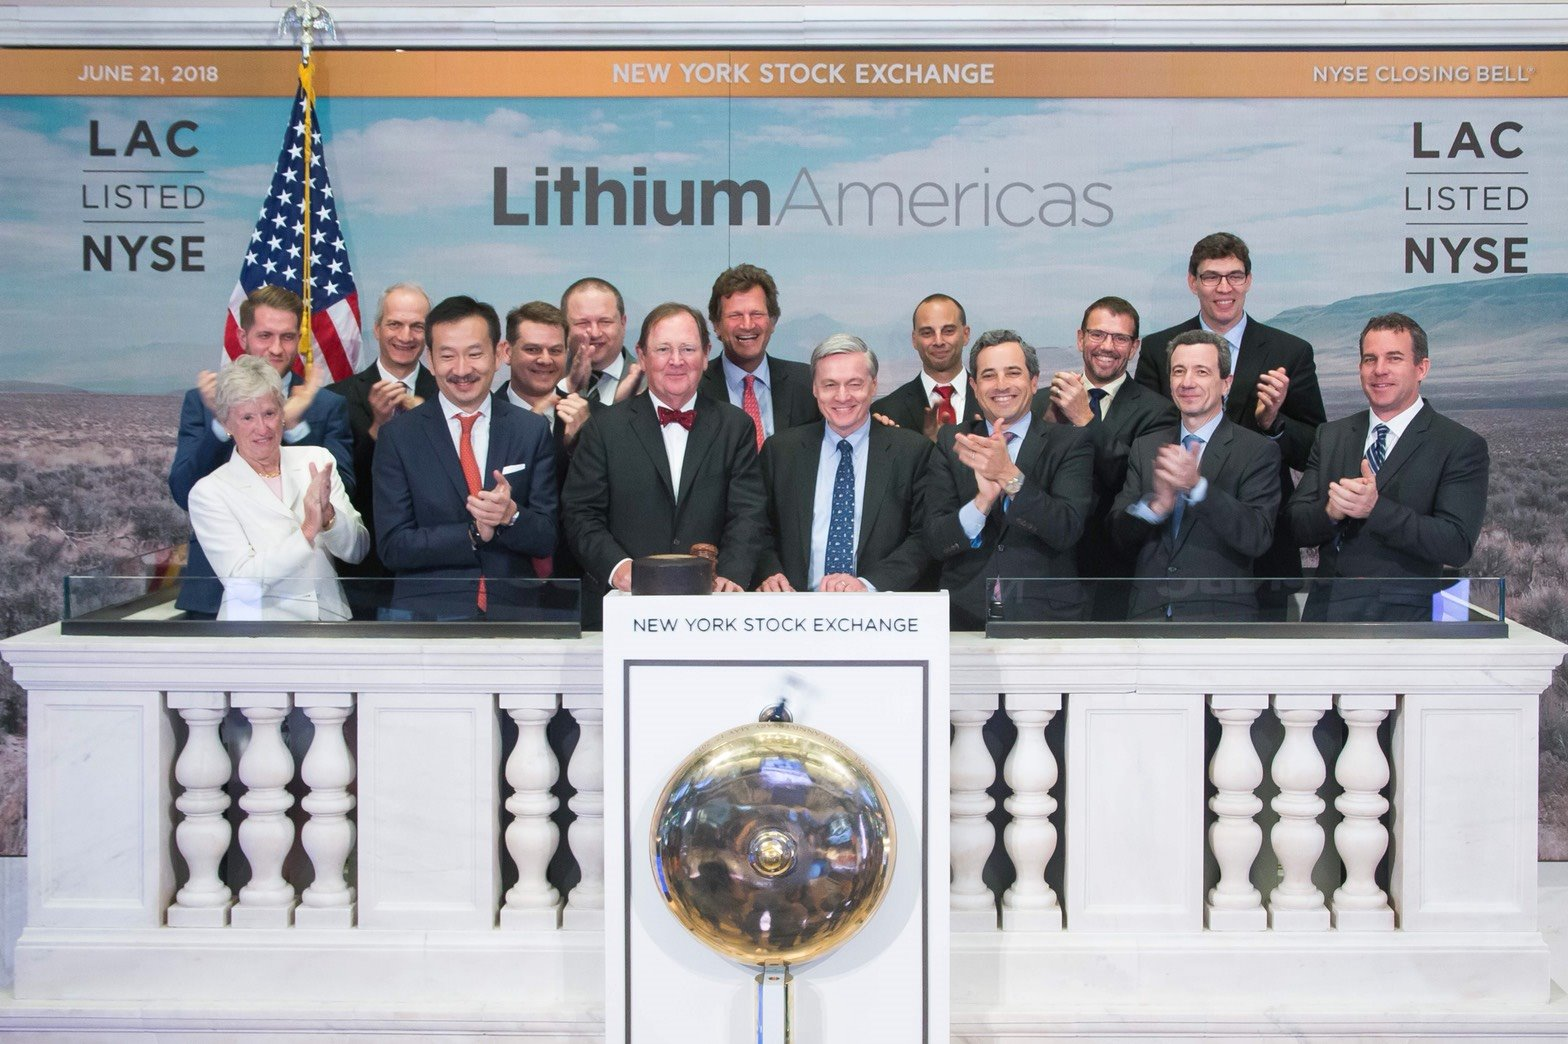 บางจากฯ – ลิเทียมอเมริกา ร่วมพิธี NYSE : Closing Bell